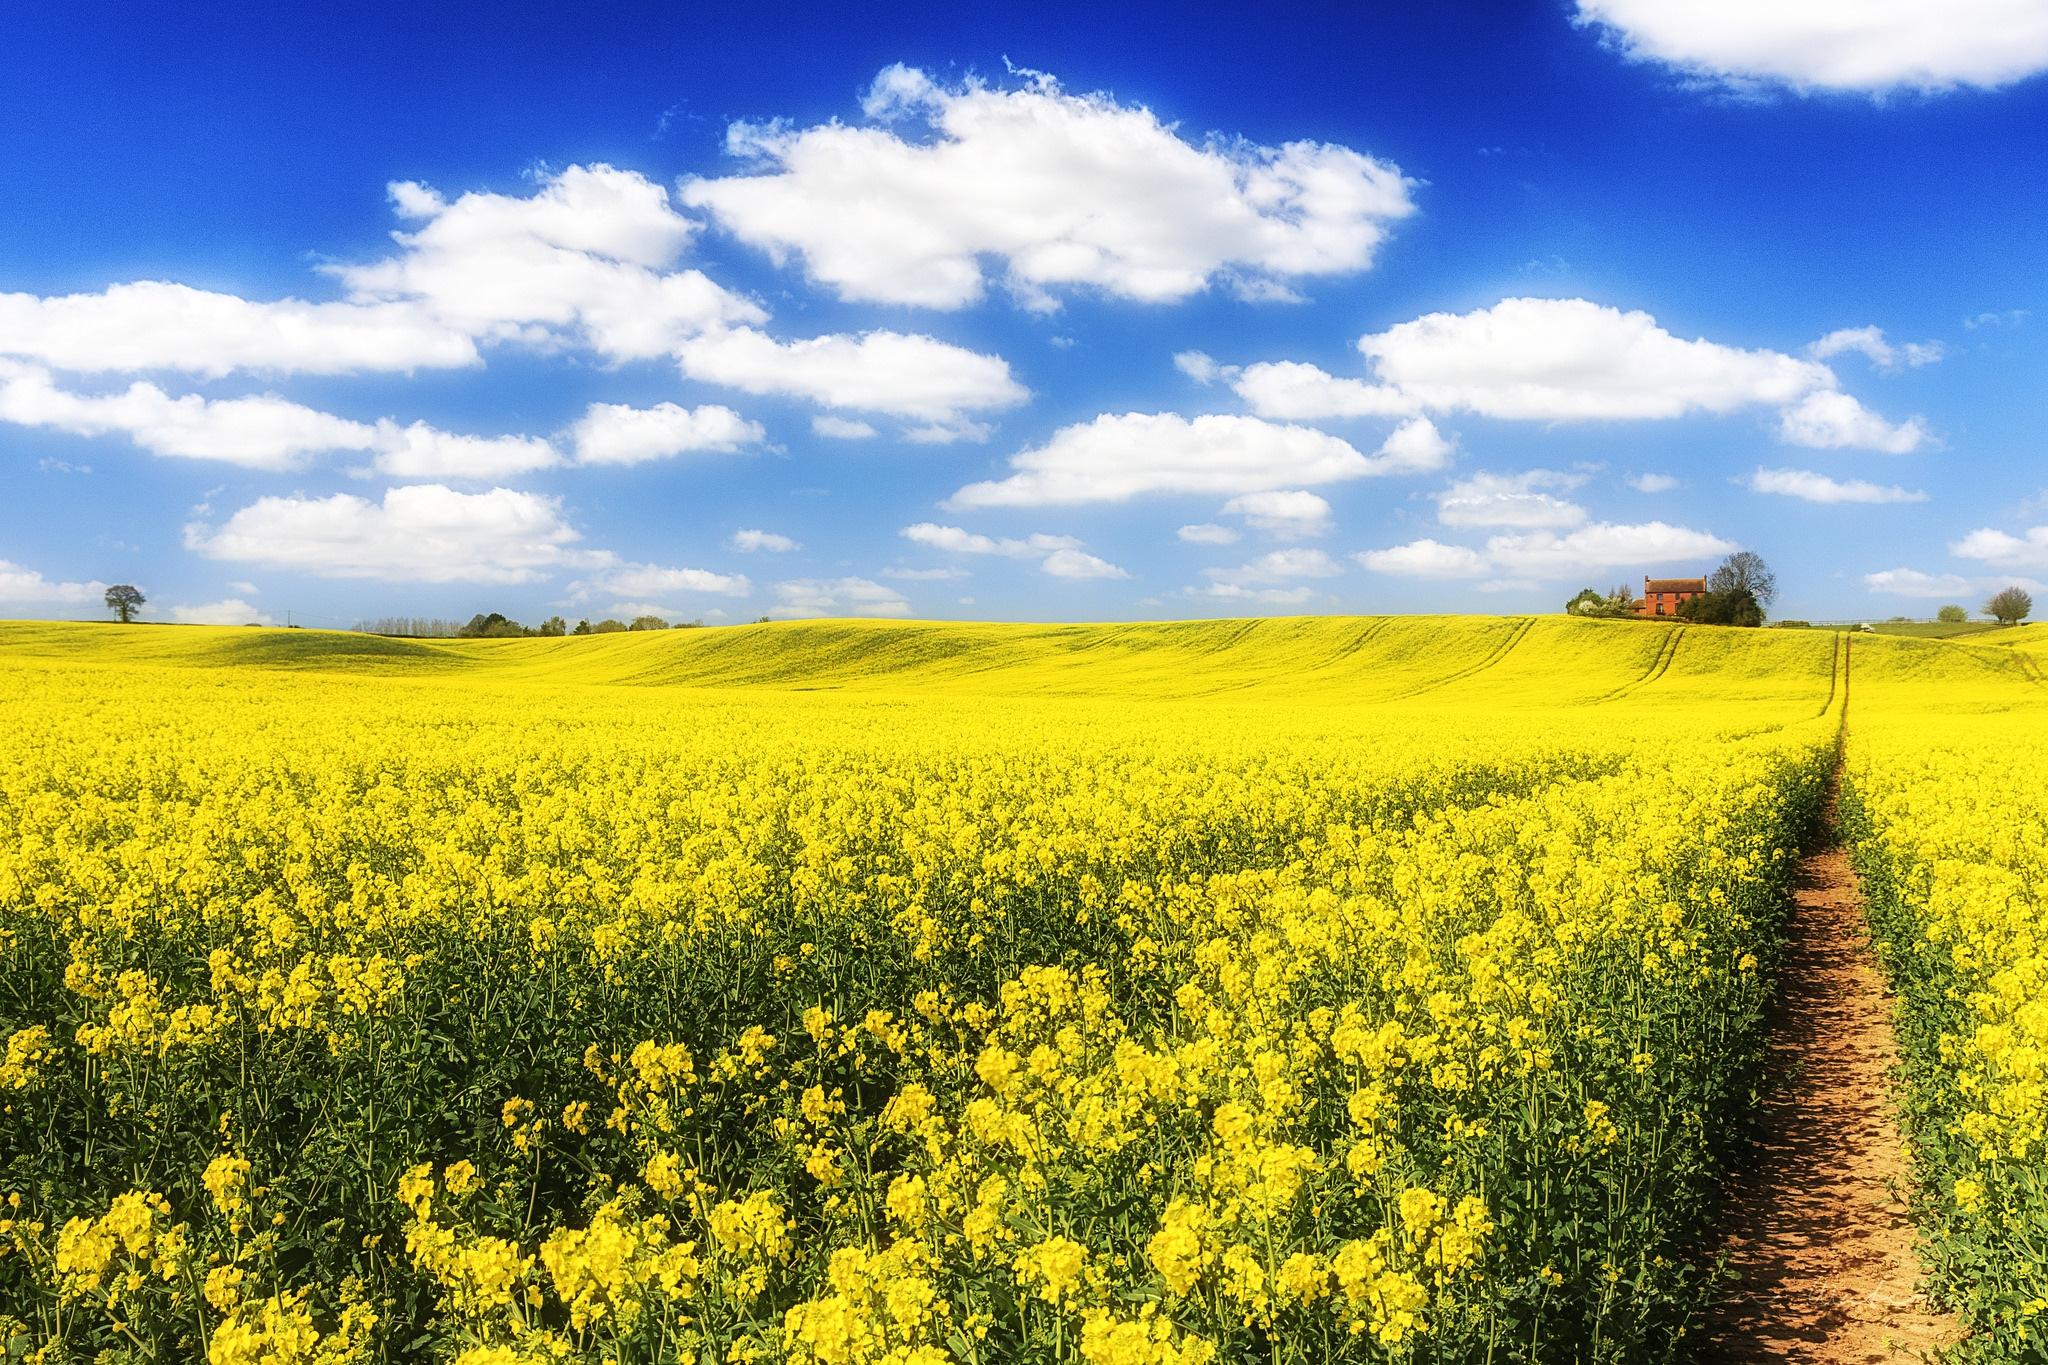 желто-зеленая дорога в степи  № 252757 без смс